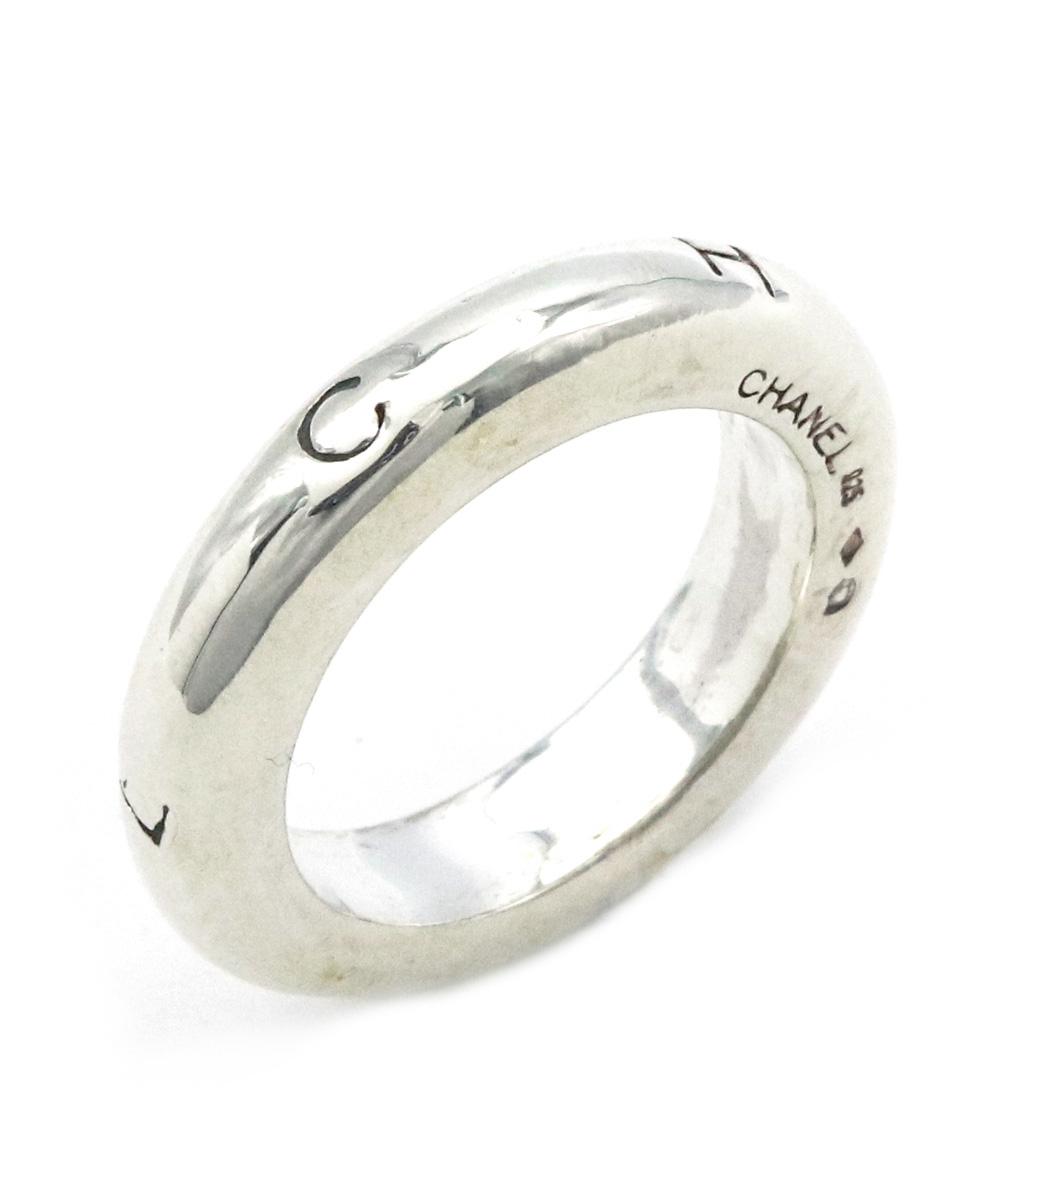 【ジュエリー】【新品仕上げ済】CHANEL シャネル ロゴ リング 指輪 SV925 シルバー #12 12号 【中古】